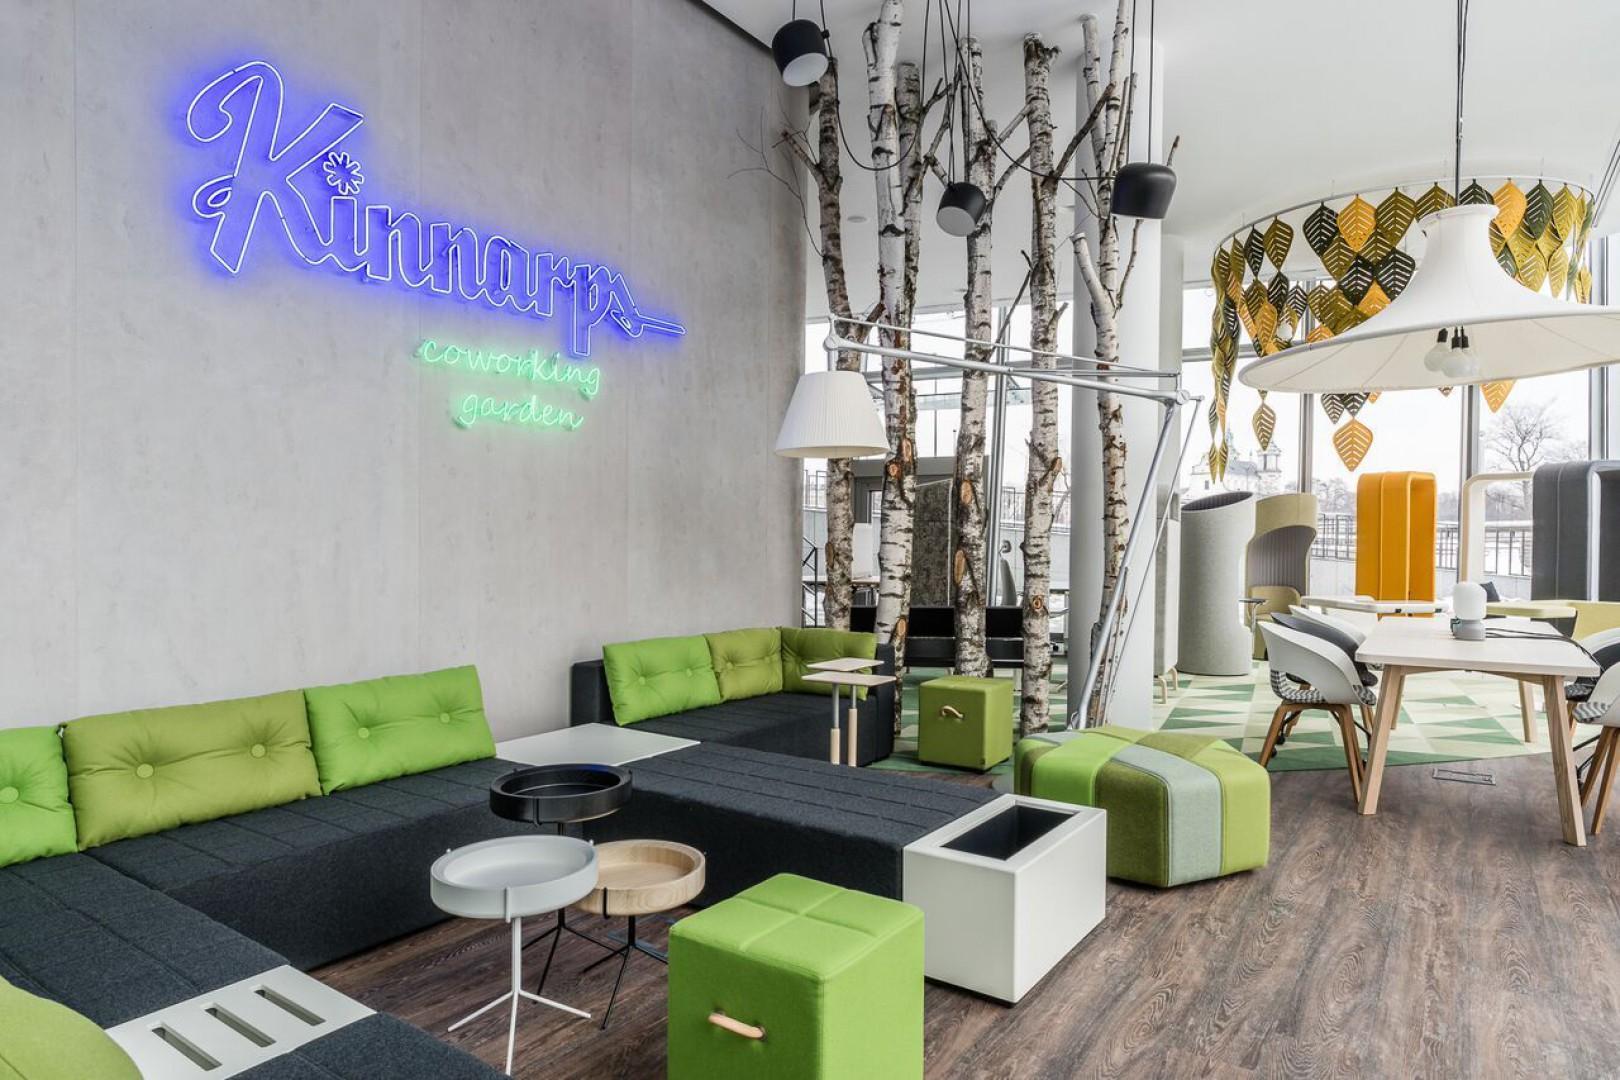 Nowy showroom firmy Kinnarps, otwarty w 2016 roku w Krakowie. Fot. Kinnarps